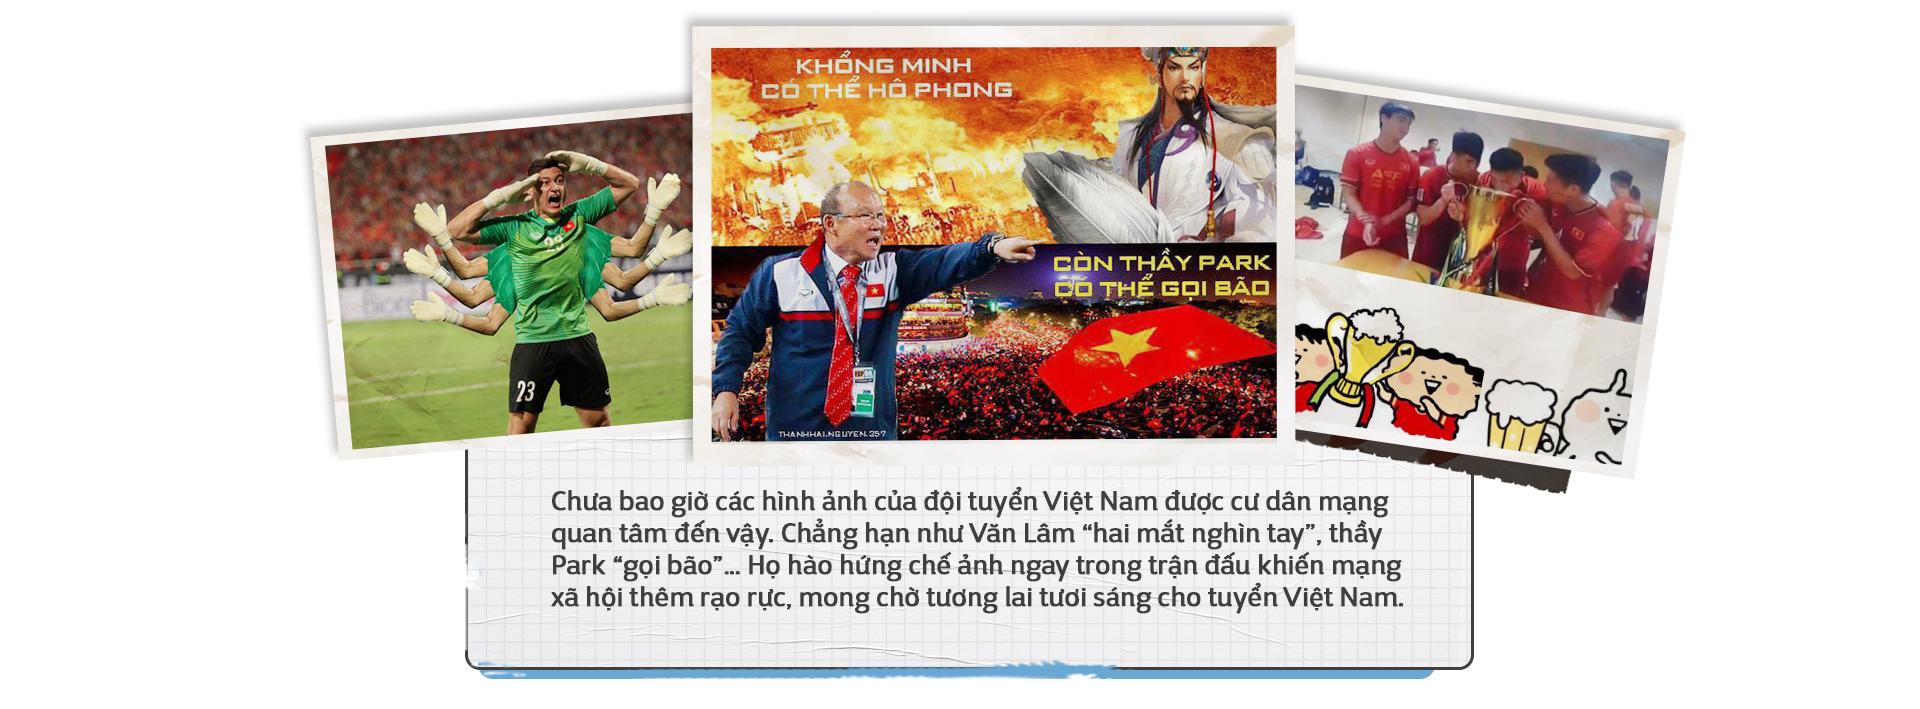 Những câu chuyện nóng hổi tạo trend trong giới trẻ Việt 2019 - Ảnh 22.